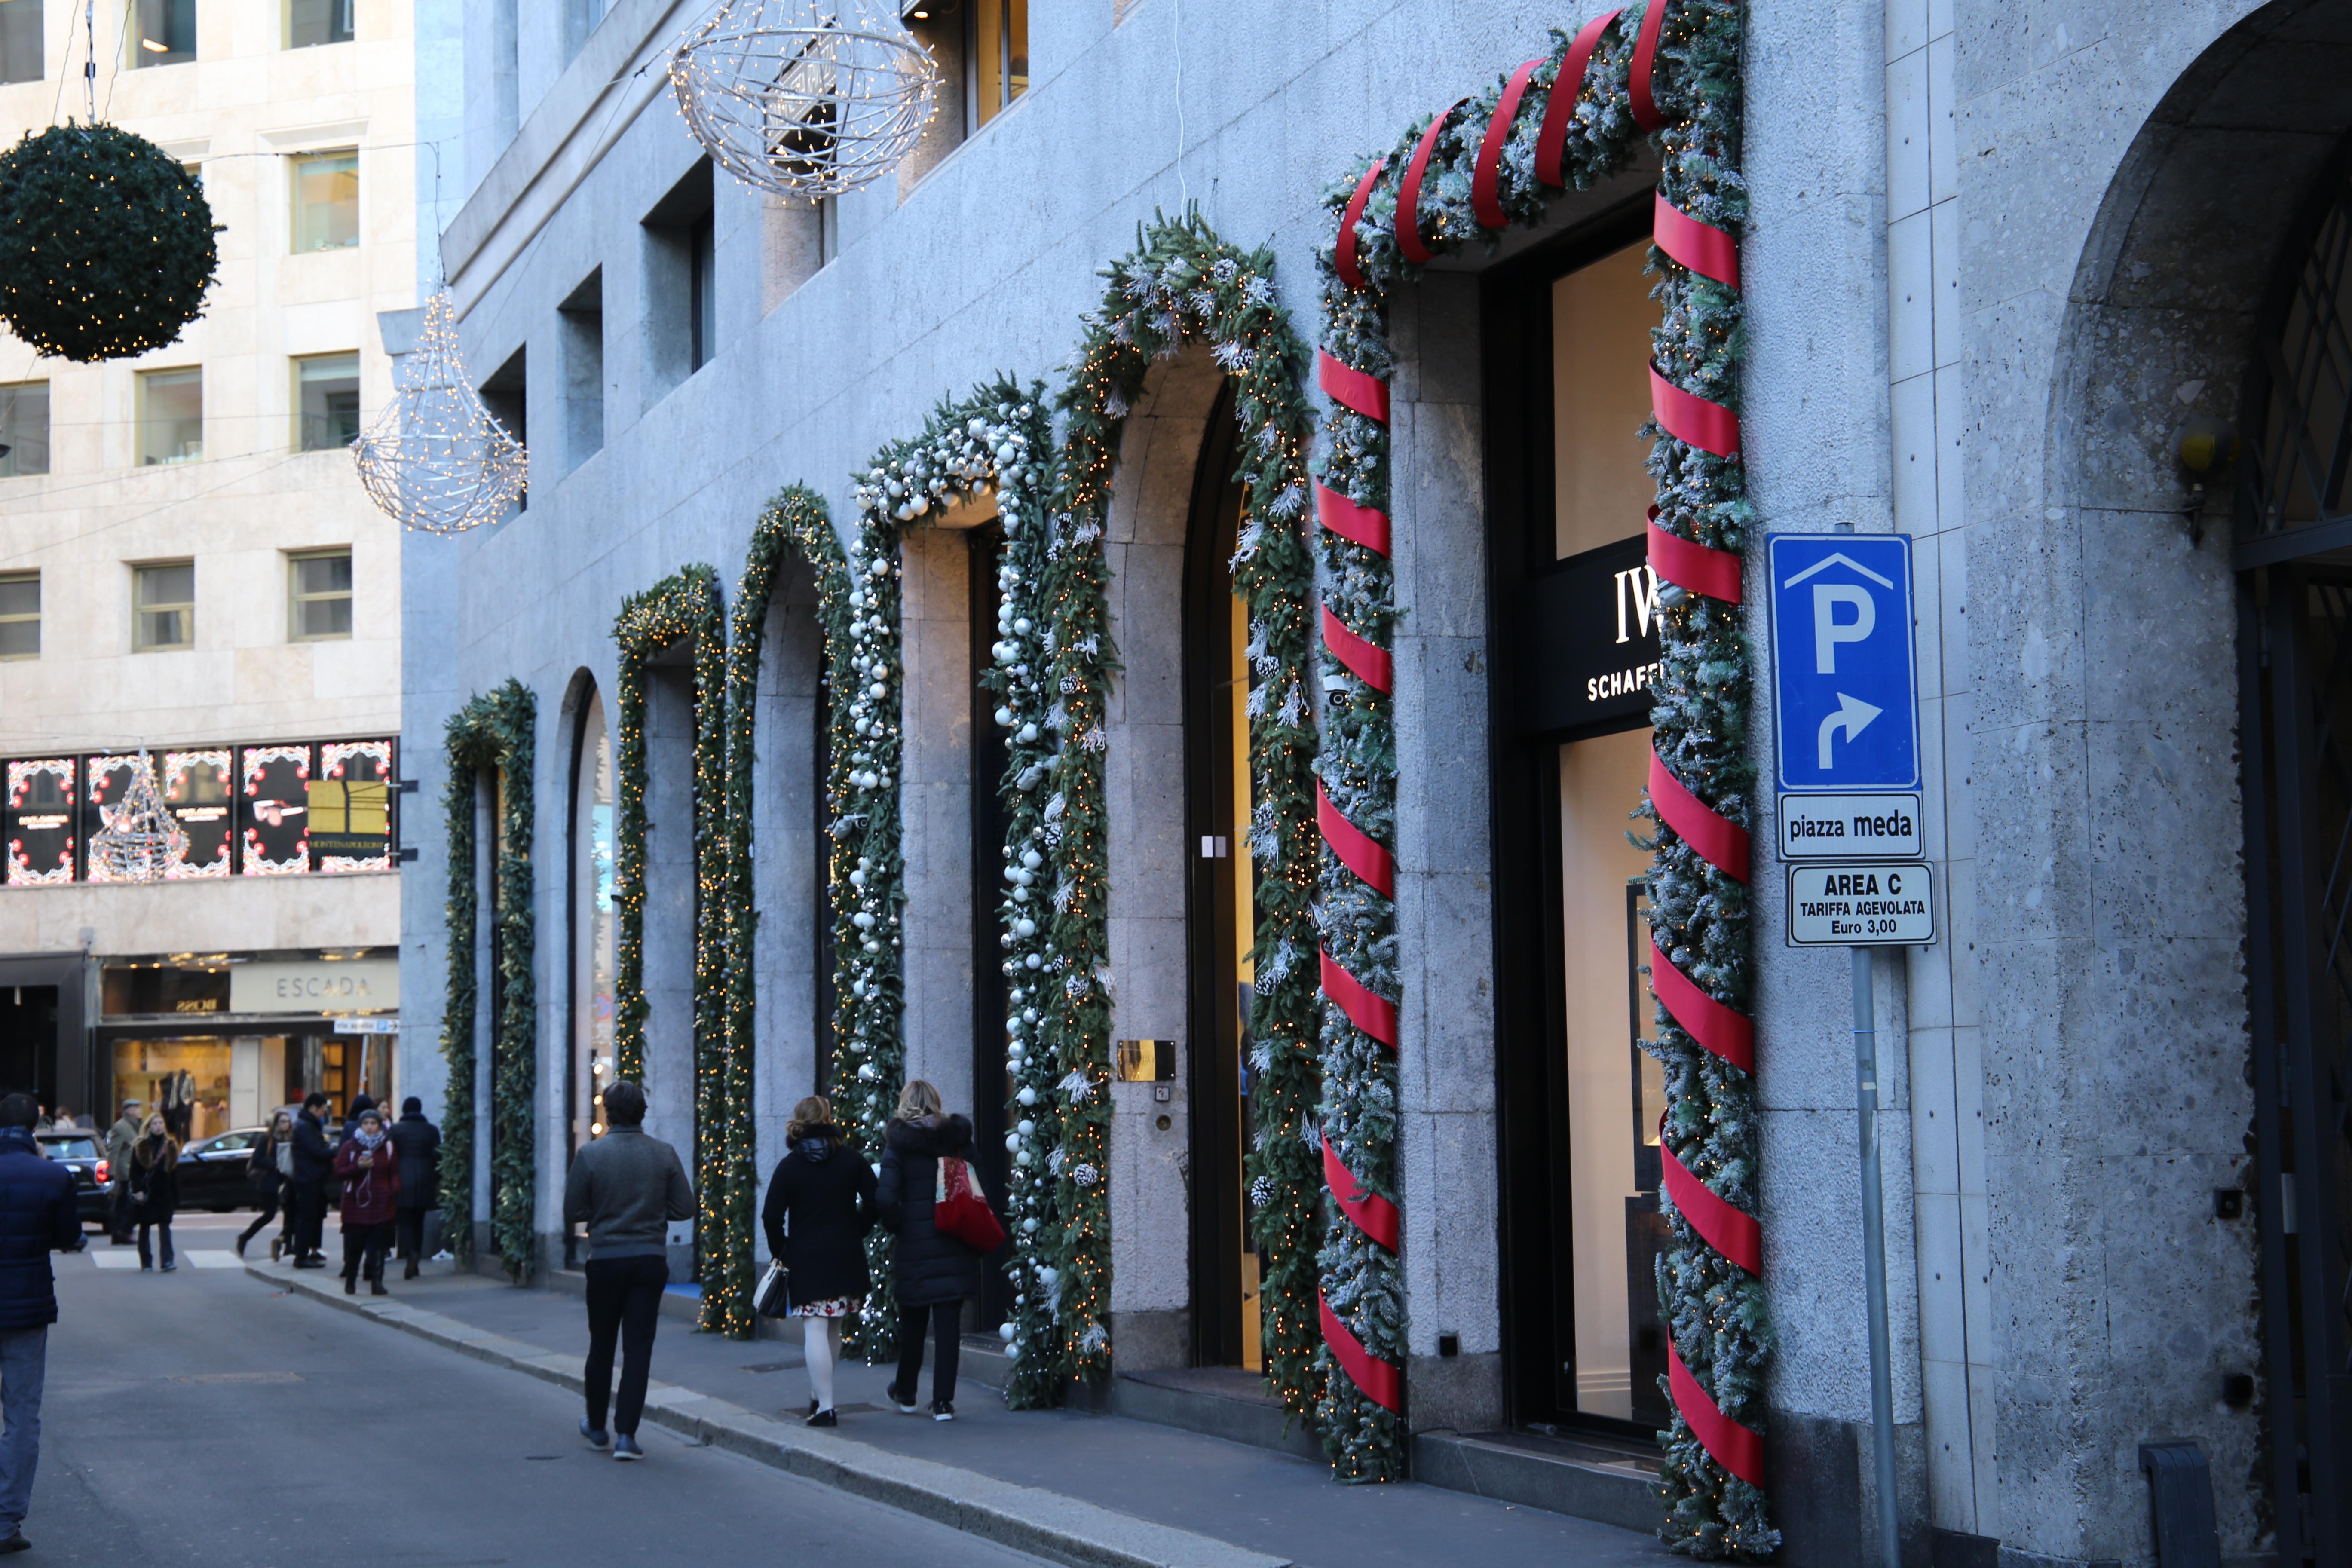 Via_Montenapoleone_Weihnachten_Quadrilatero_della_Moda_Viereck_der_Mode_Mailand_Eingang_Shoppen_Einkaufen_Shopping